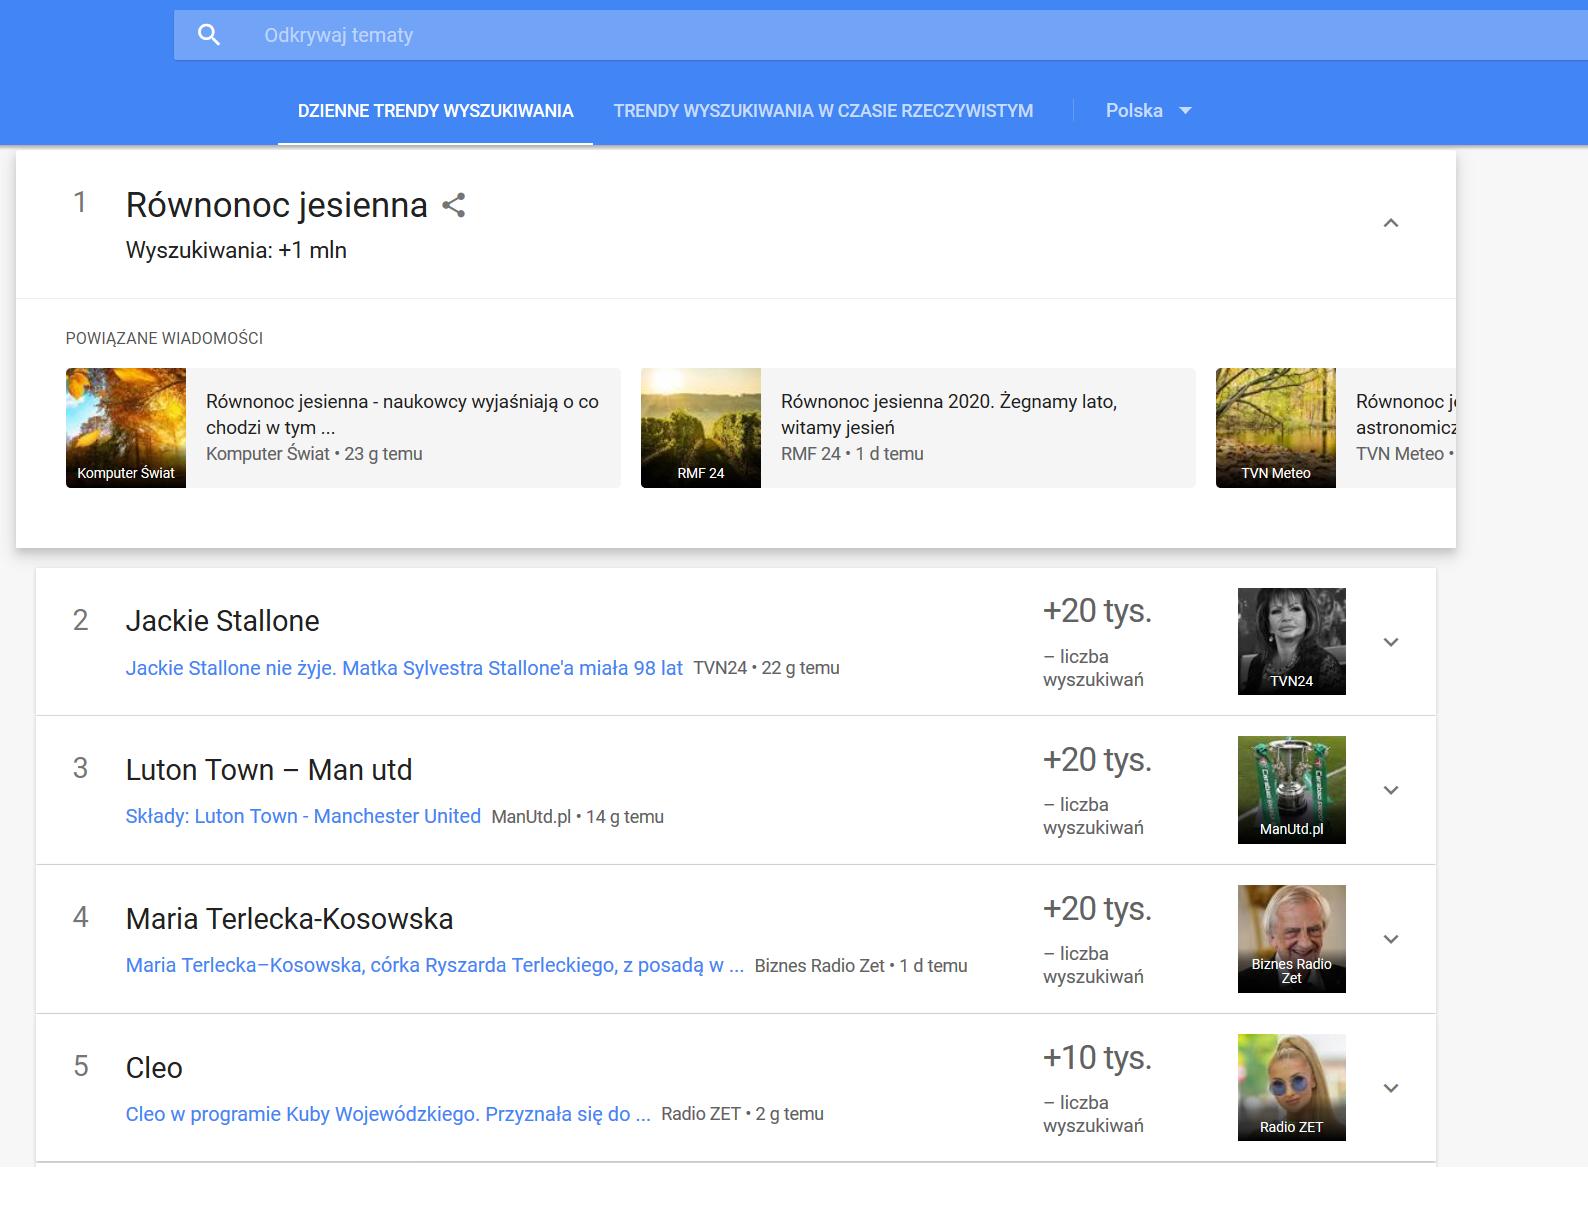 Google Trends - Dzienne trendy wyszukiwania